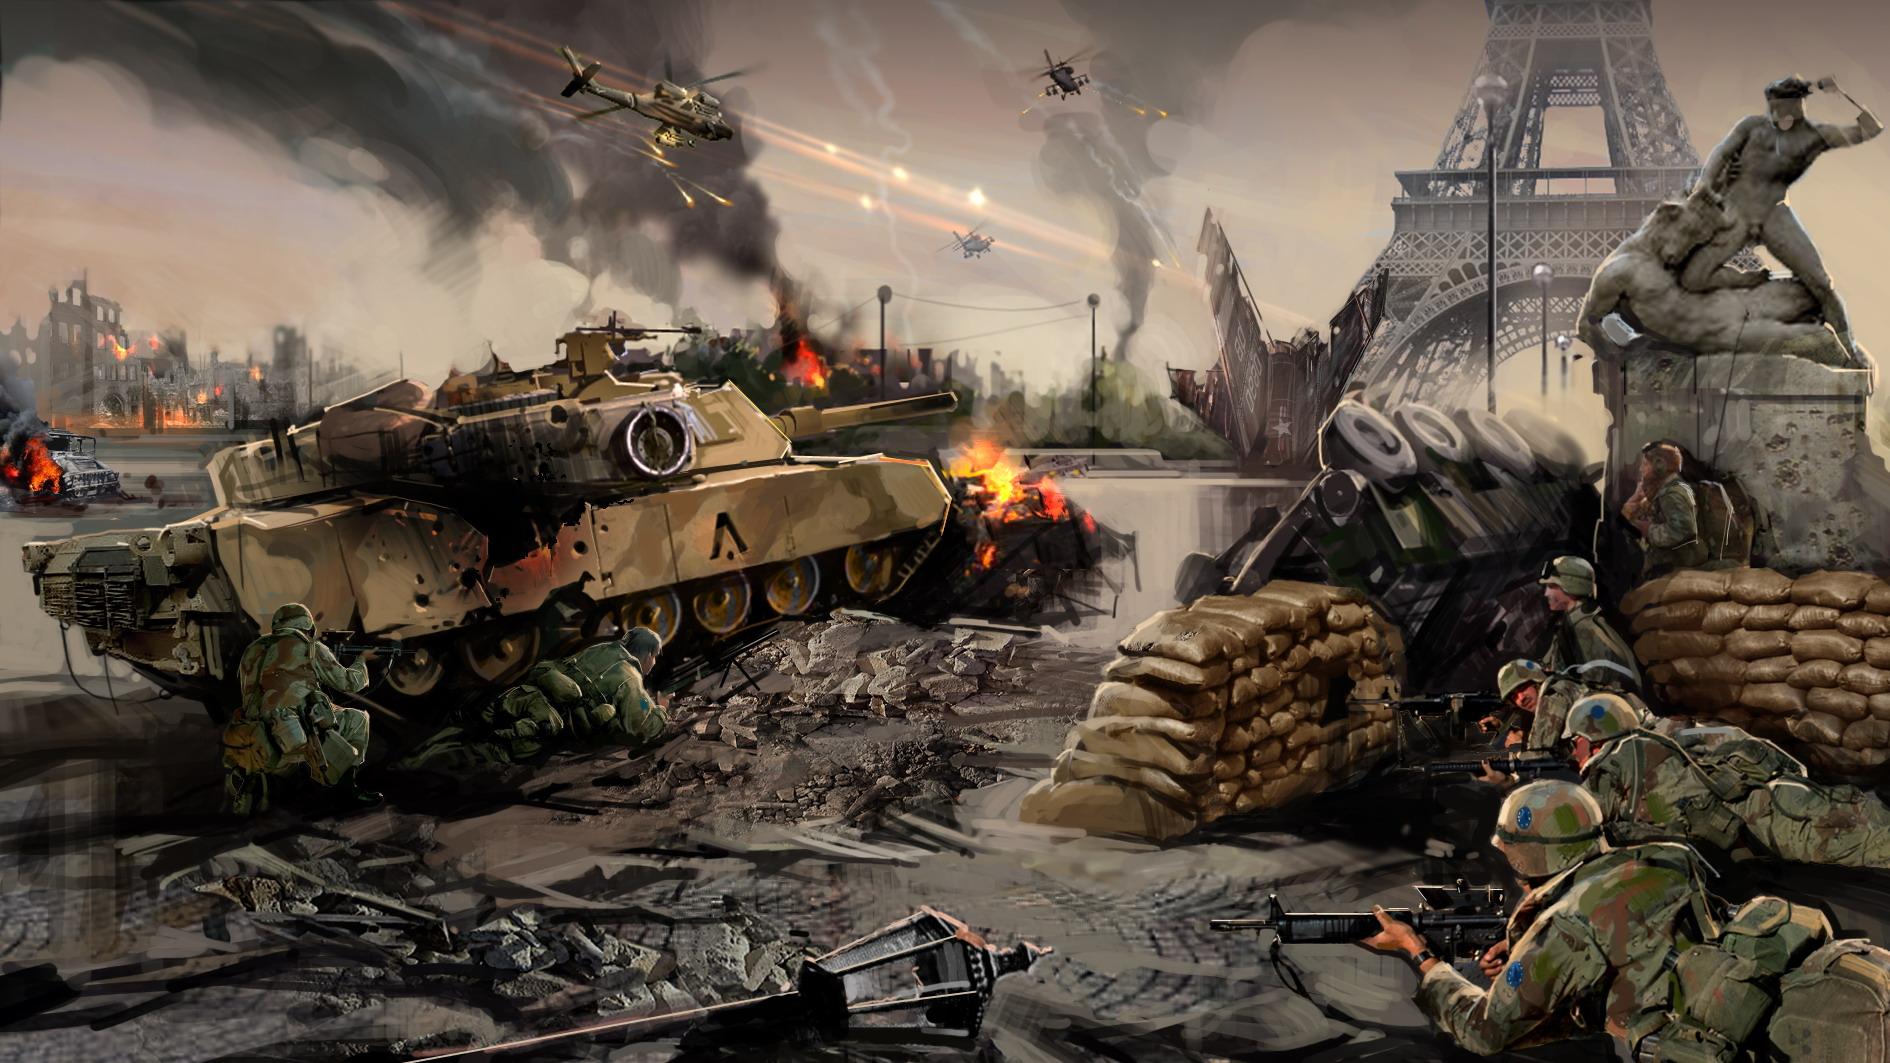 War thunder best end game fighter aeroplane wallpaper for desktop